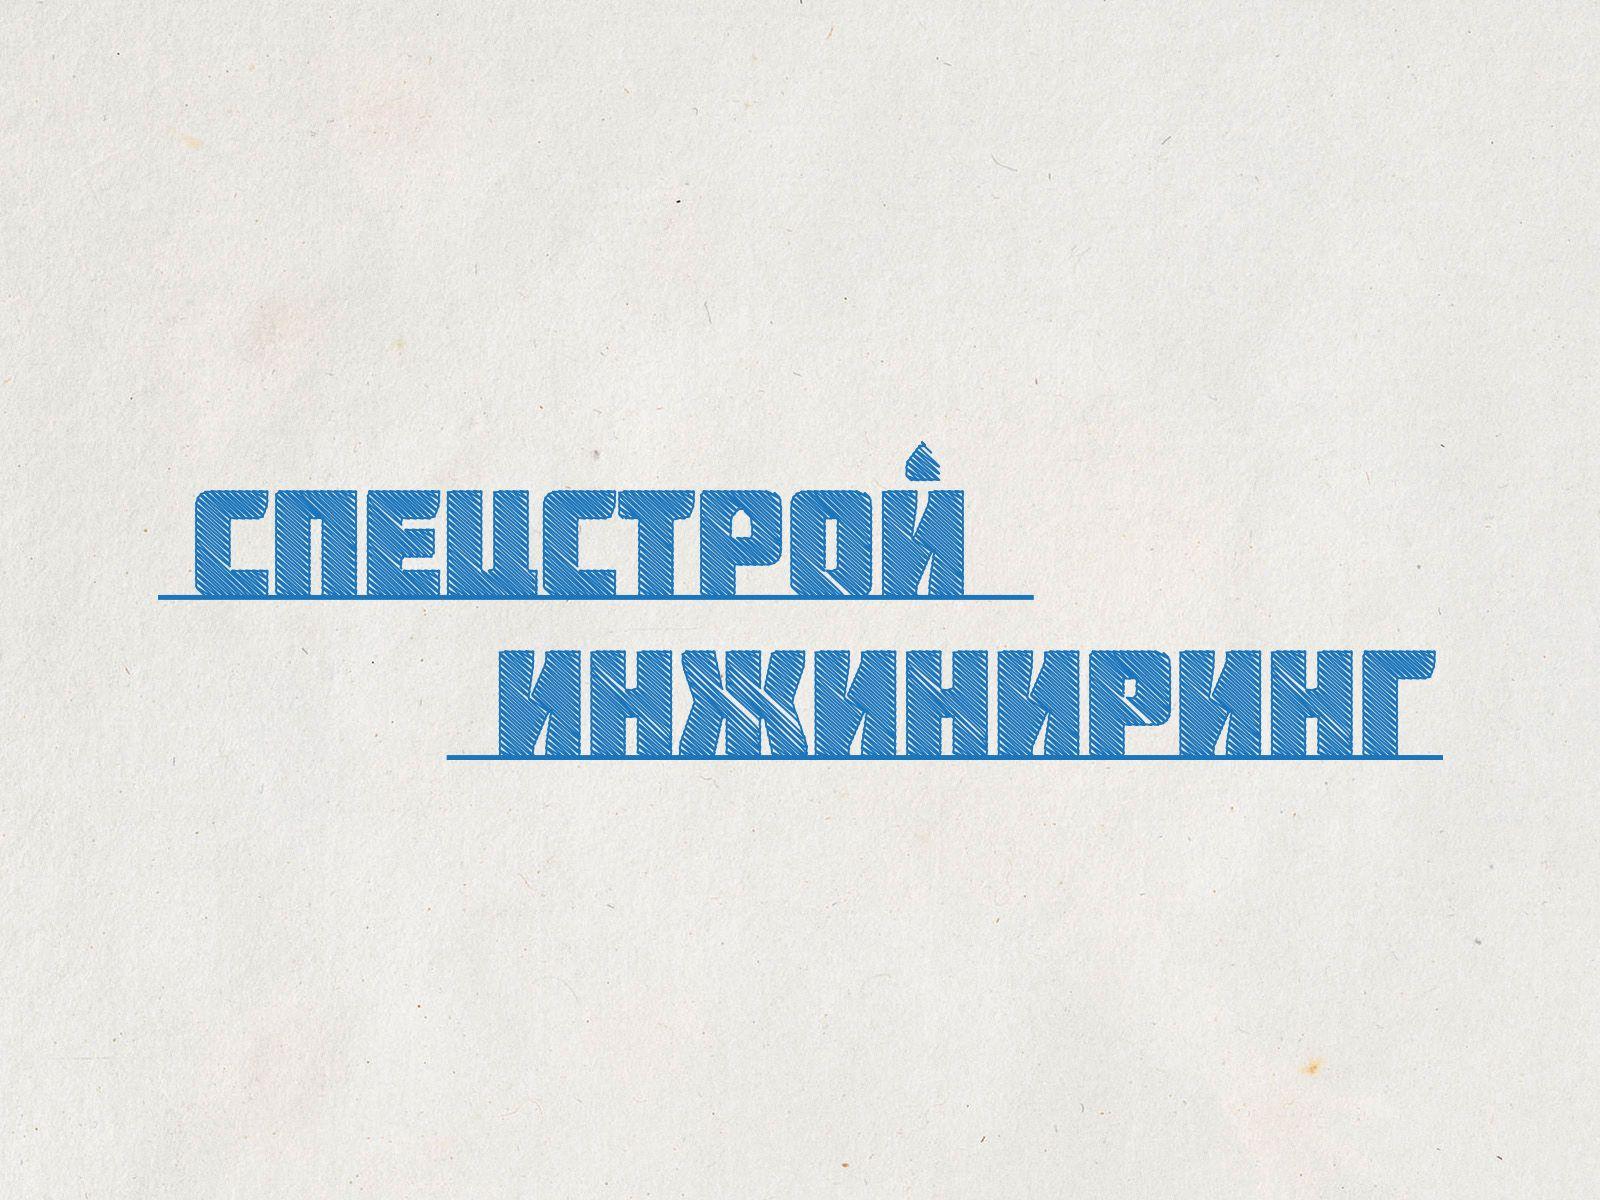 Логотип для строительной компании - дизайнер UkkoKarhunen